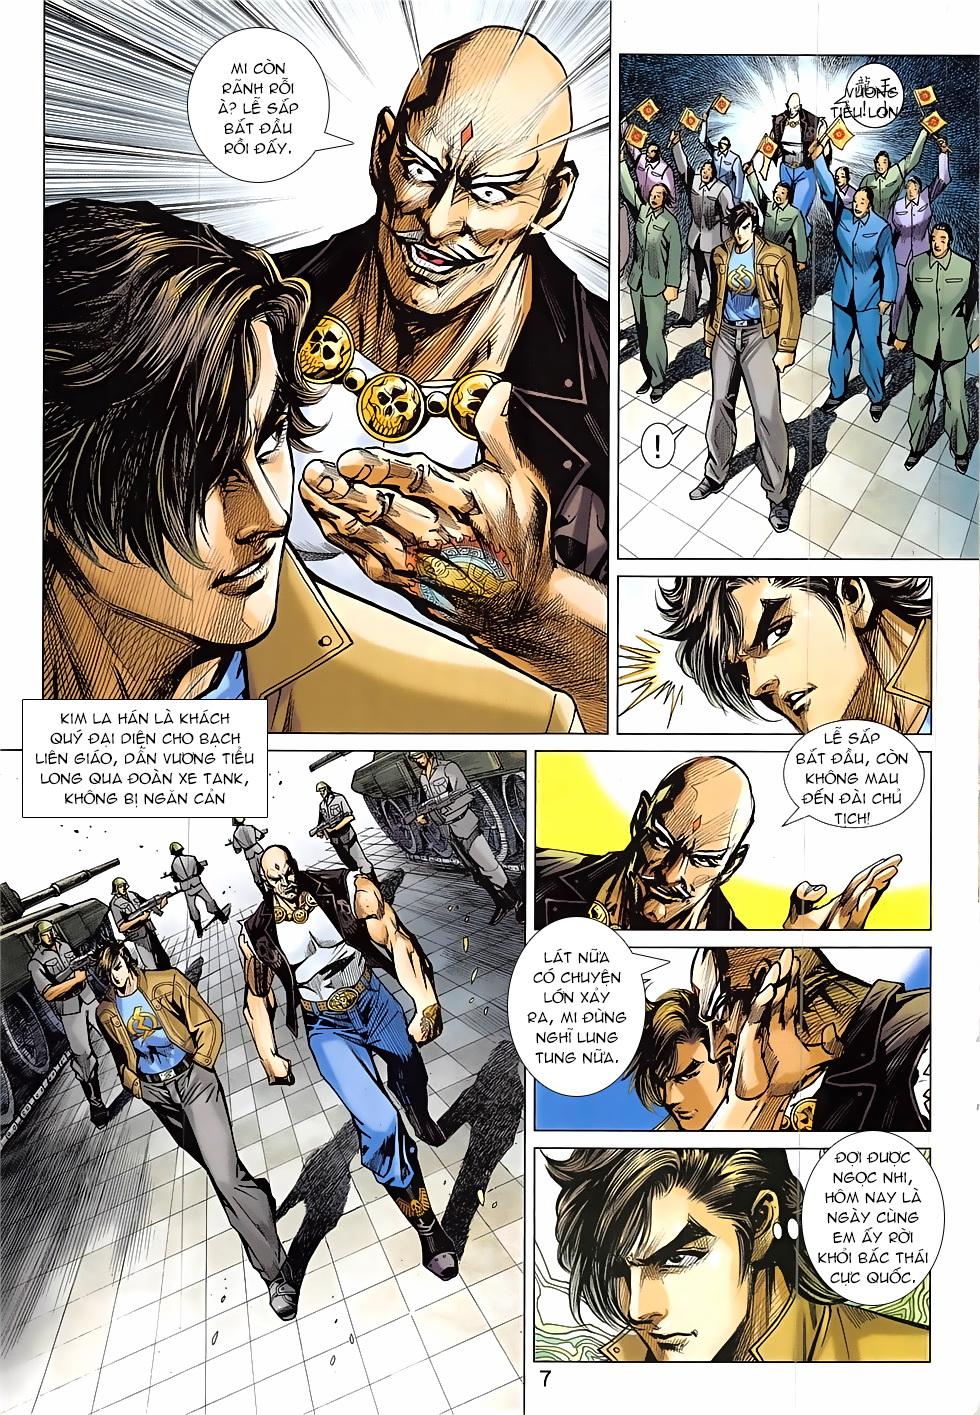 Tân Tác Long Hổ Môn Chap 837 page 7 - Truyentranhaz.net